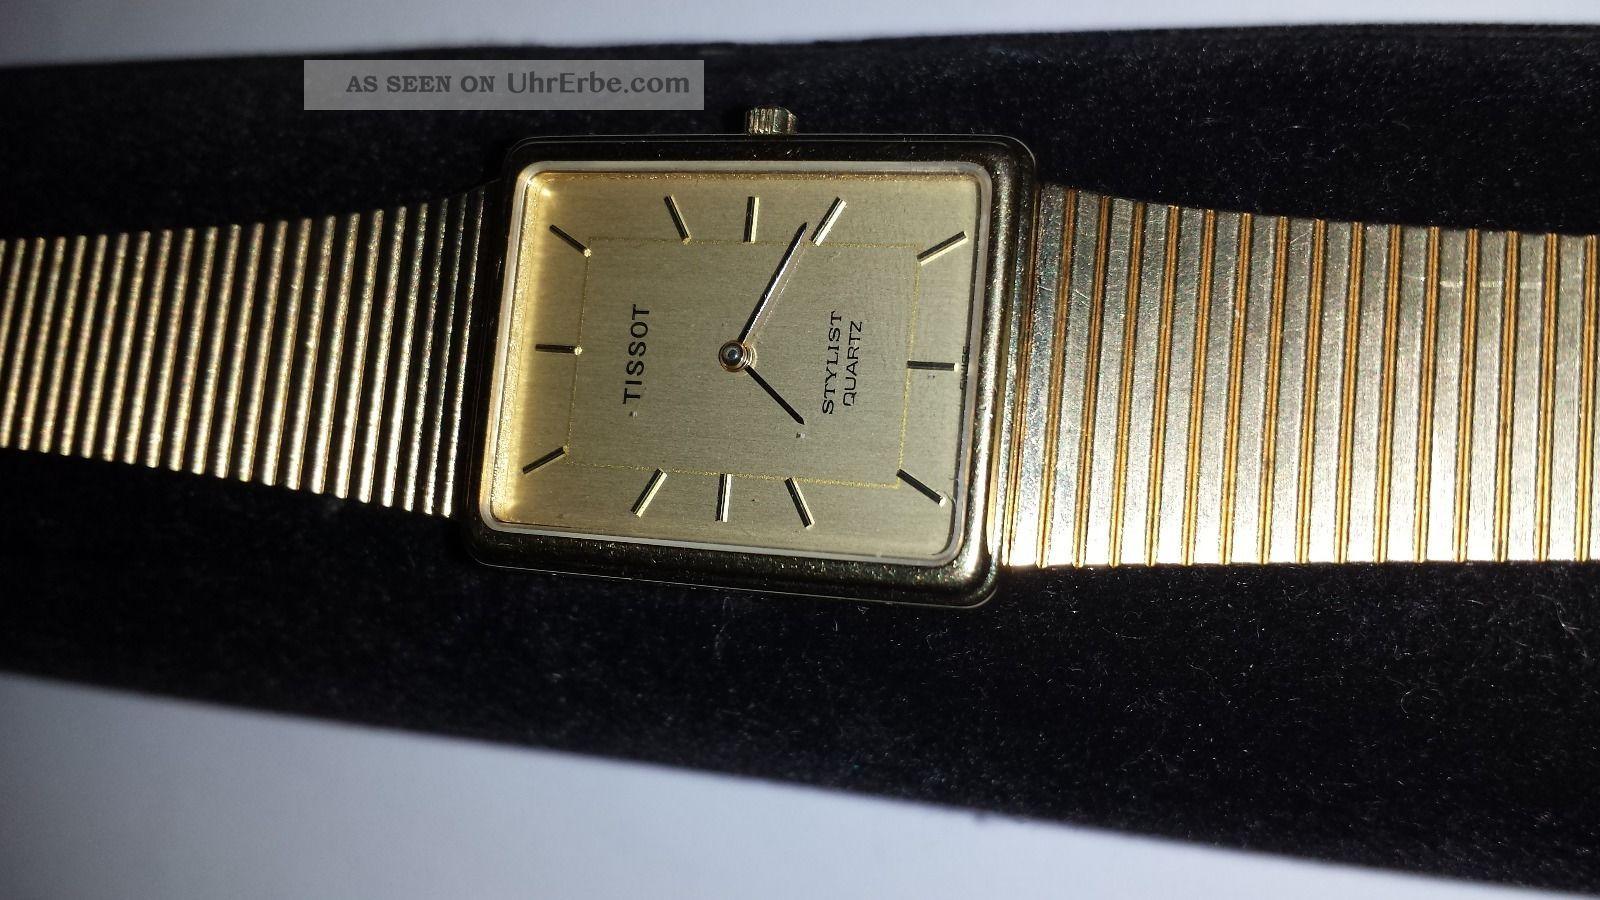 Tissot Herrenuhr Sehr Schön. Armbanduhren Bild